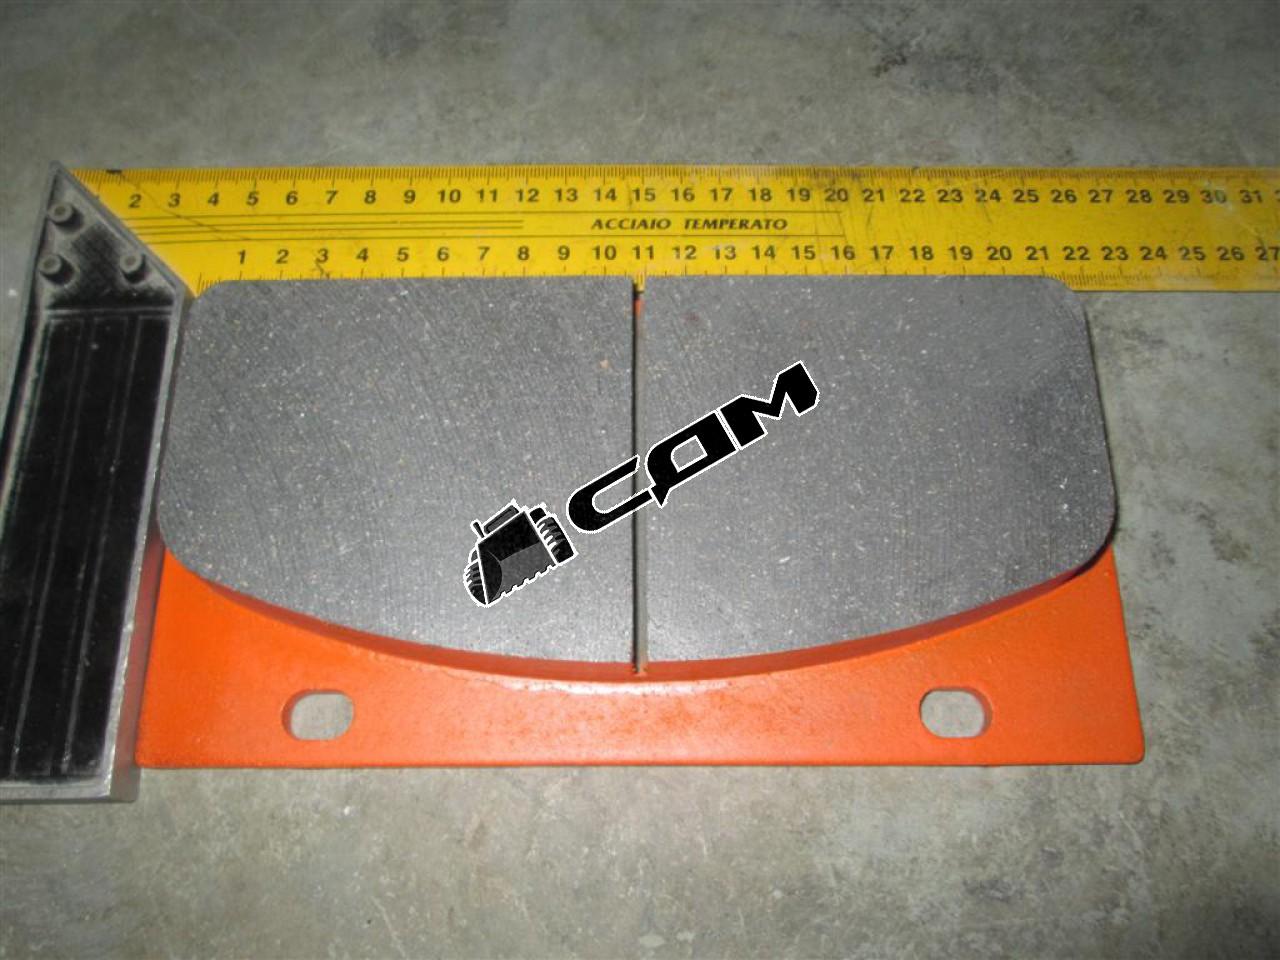 Колодка тормозная  CDM855/CDM860 408107-108 LG853.04.01.03.02